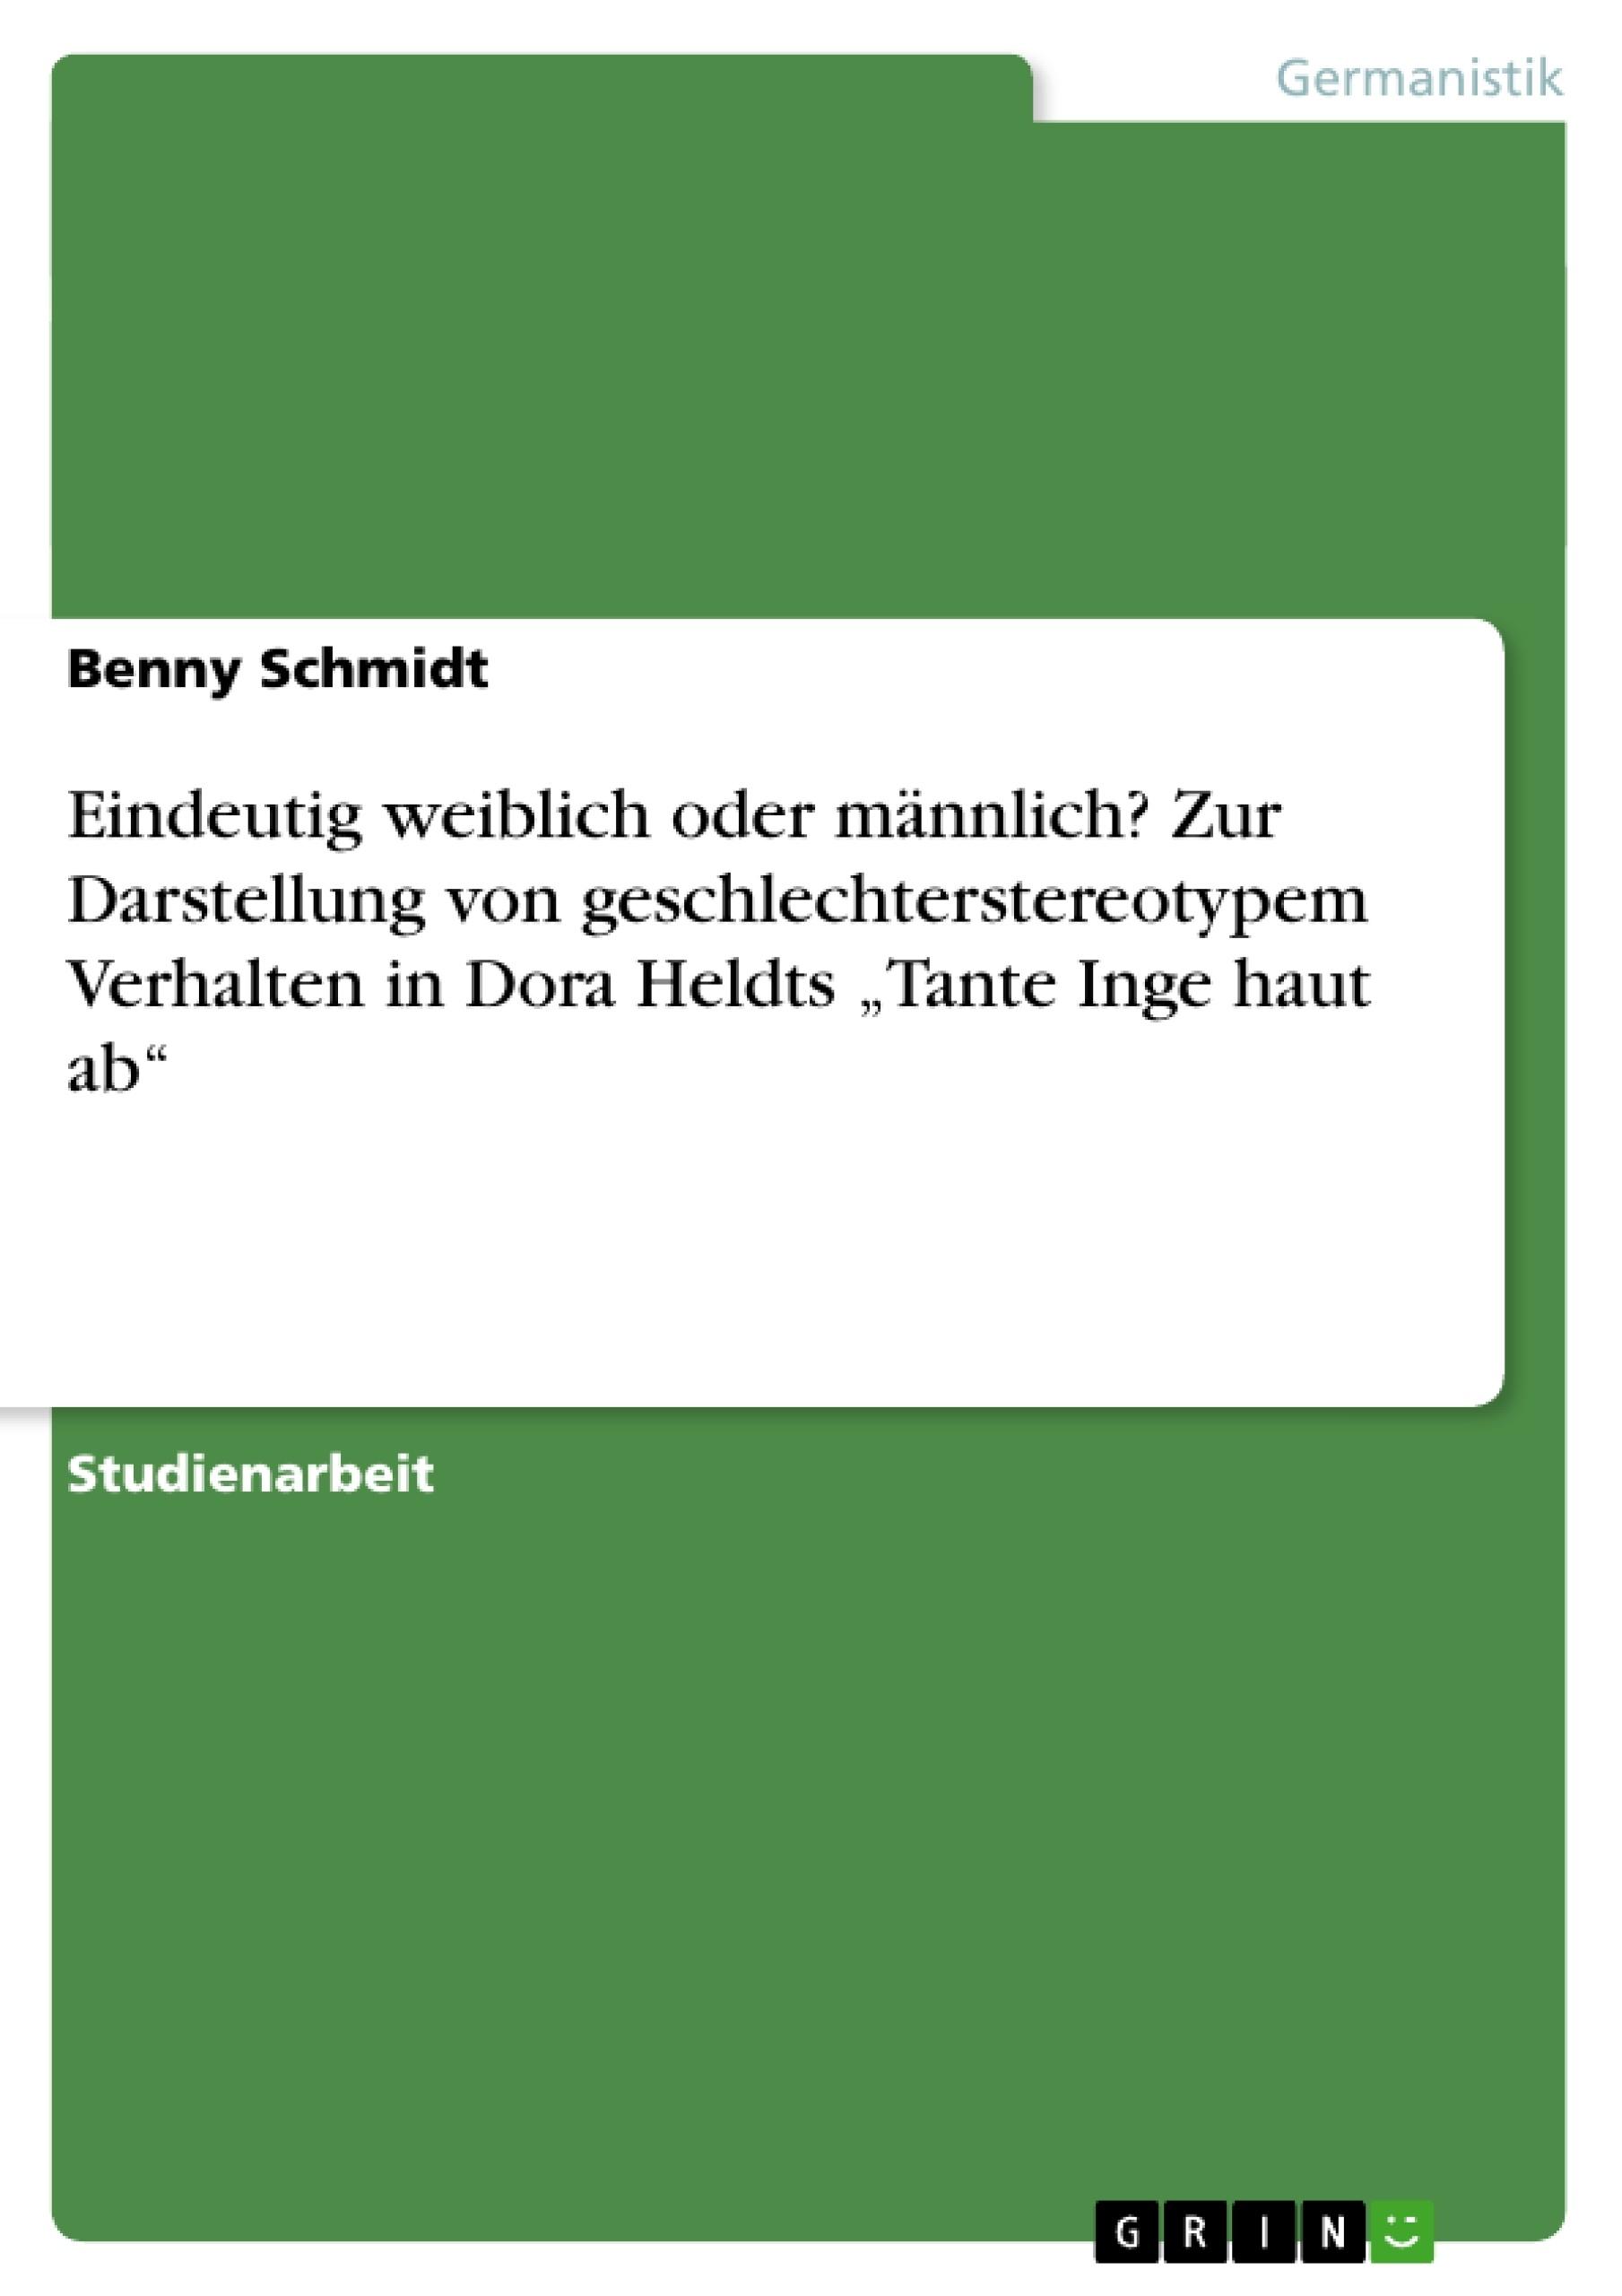 """Titel: Eindeutig weiblich oder männlich? Zur Darstellung von geschlechterstereotypem Verhalten in Dora Heldts """"Tante Inge haut ab"""""""